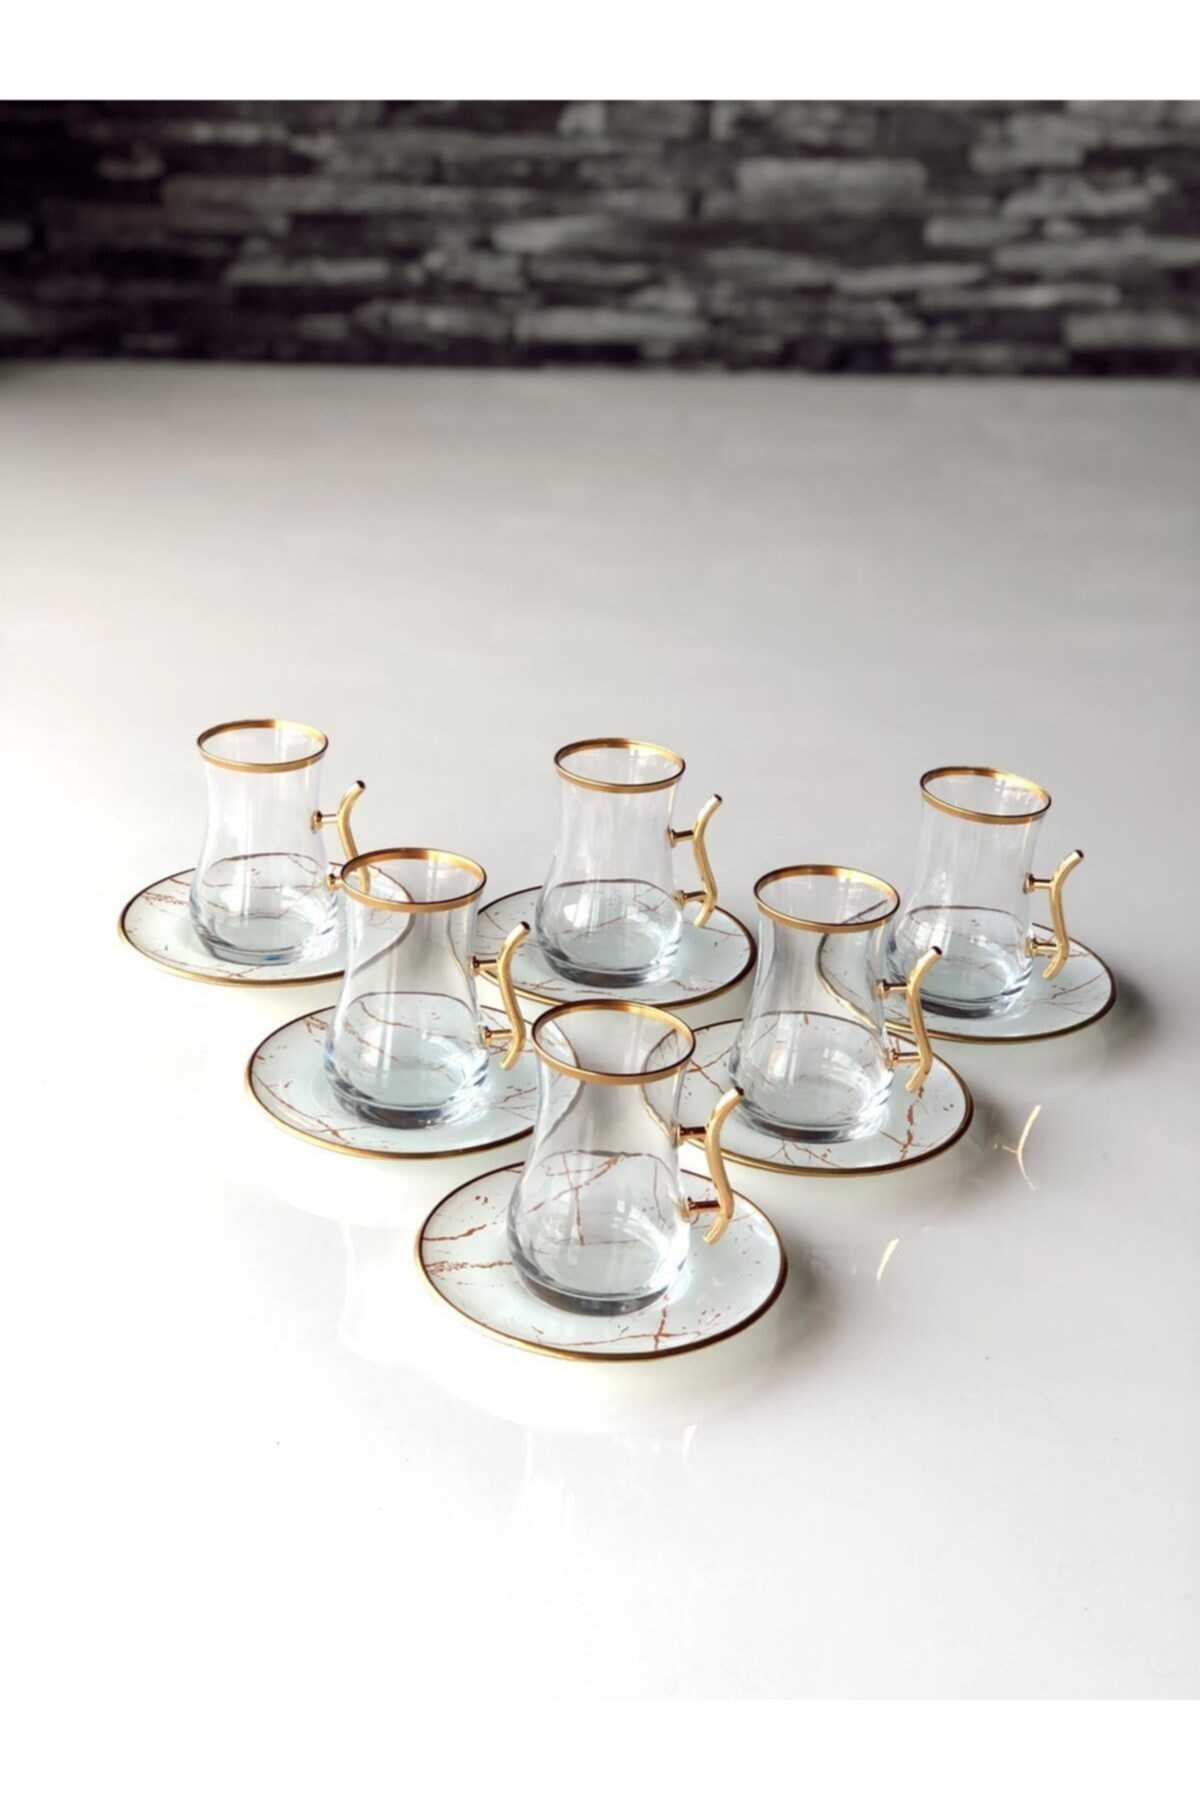 GÜRCÜGLASS Beyaz Mermer Kulplu 12 Prç Çay Seti 1